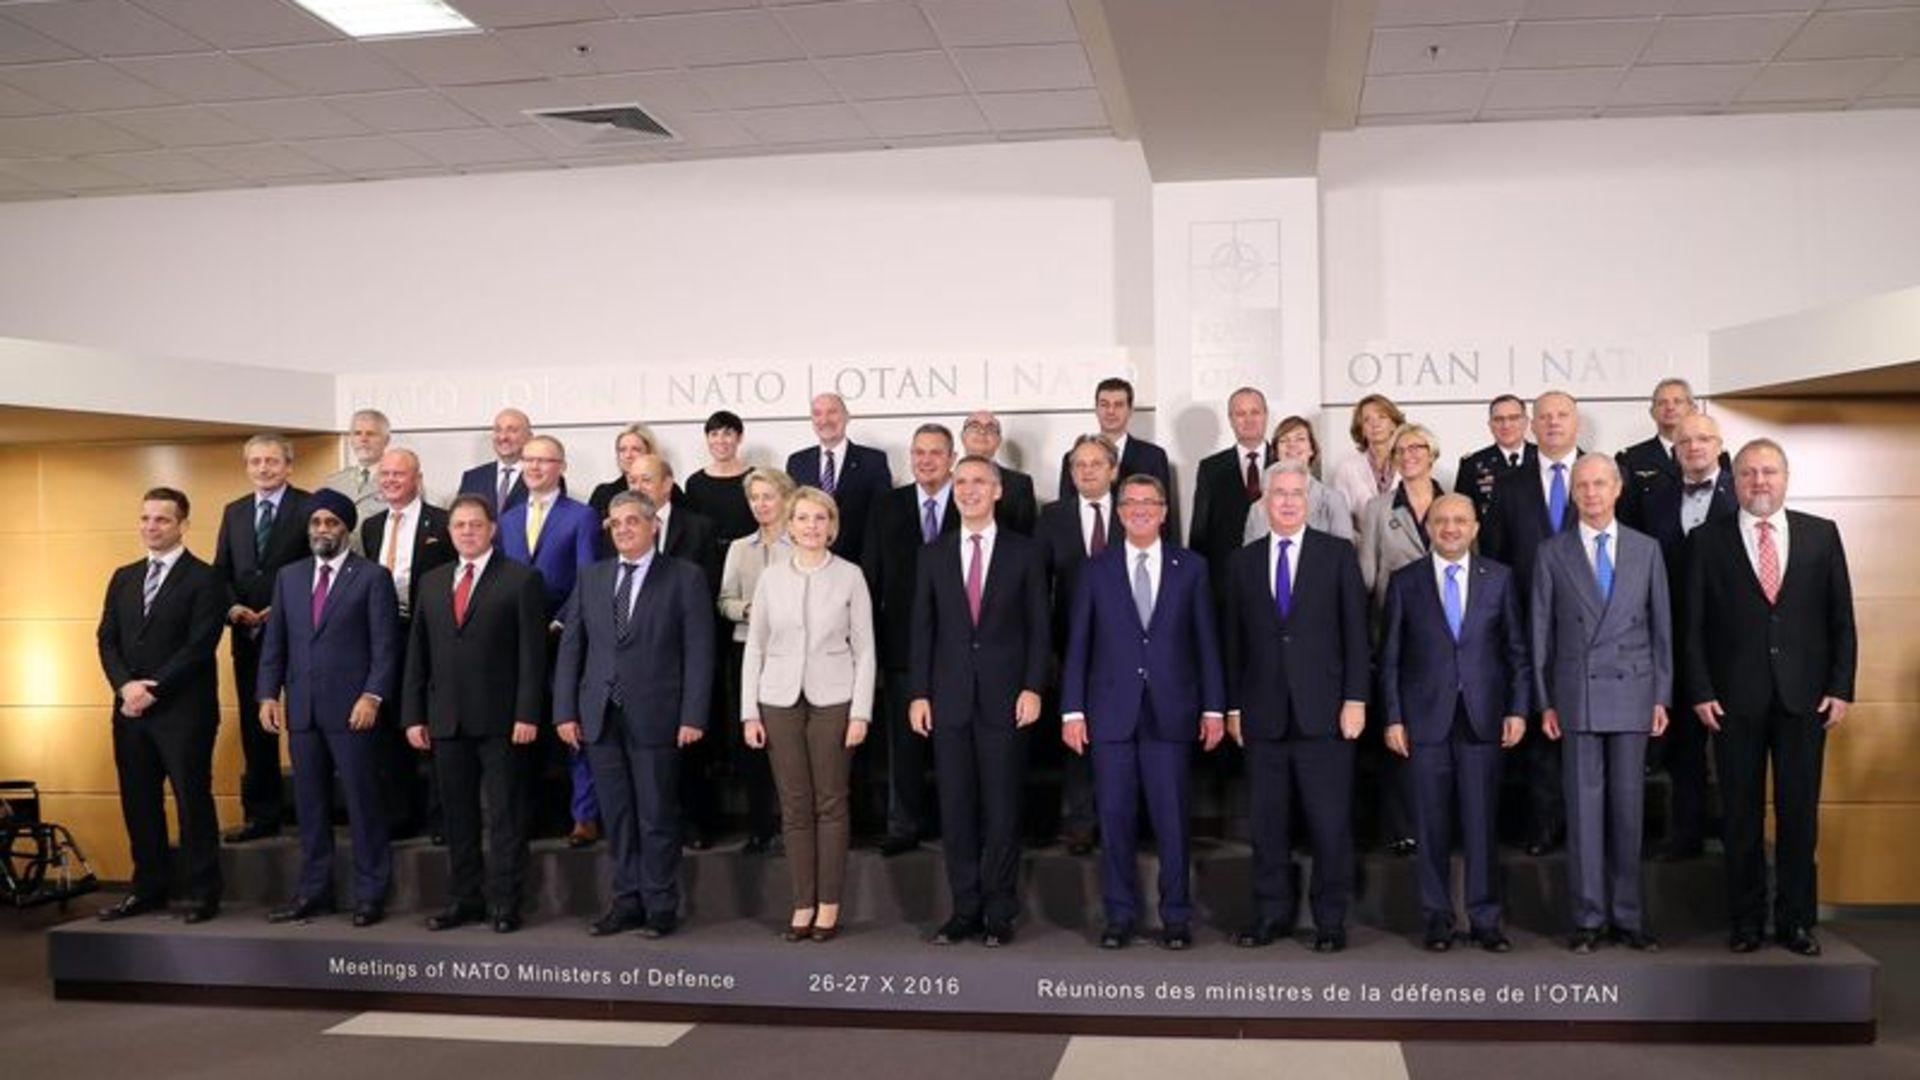 NATO Savunma Bakanları Toplantısı ile ilgili görsel sonucu